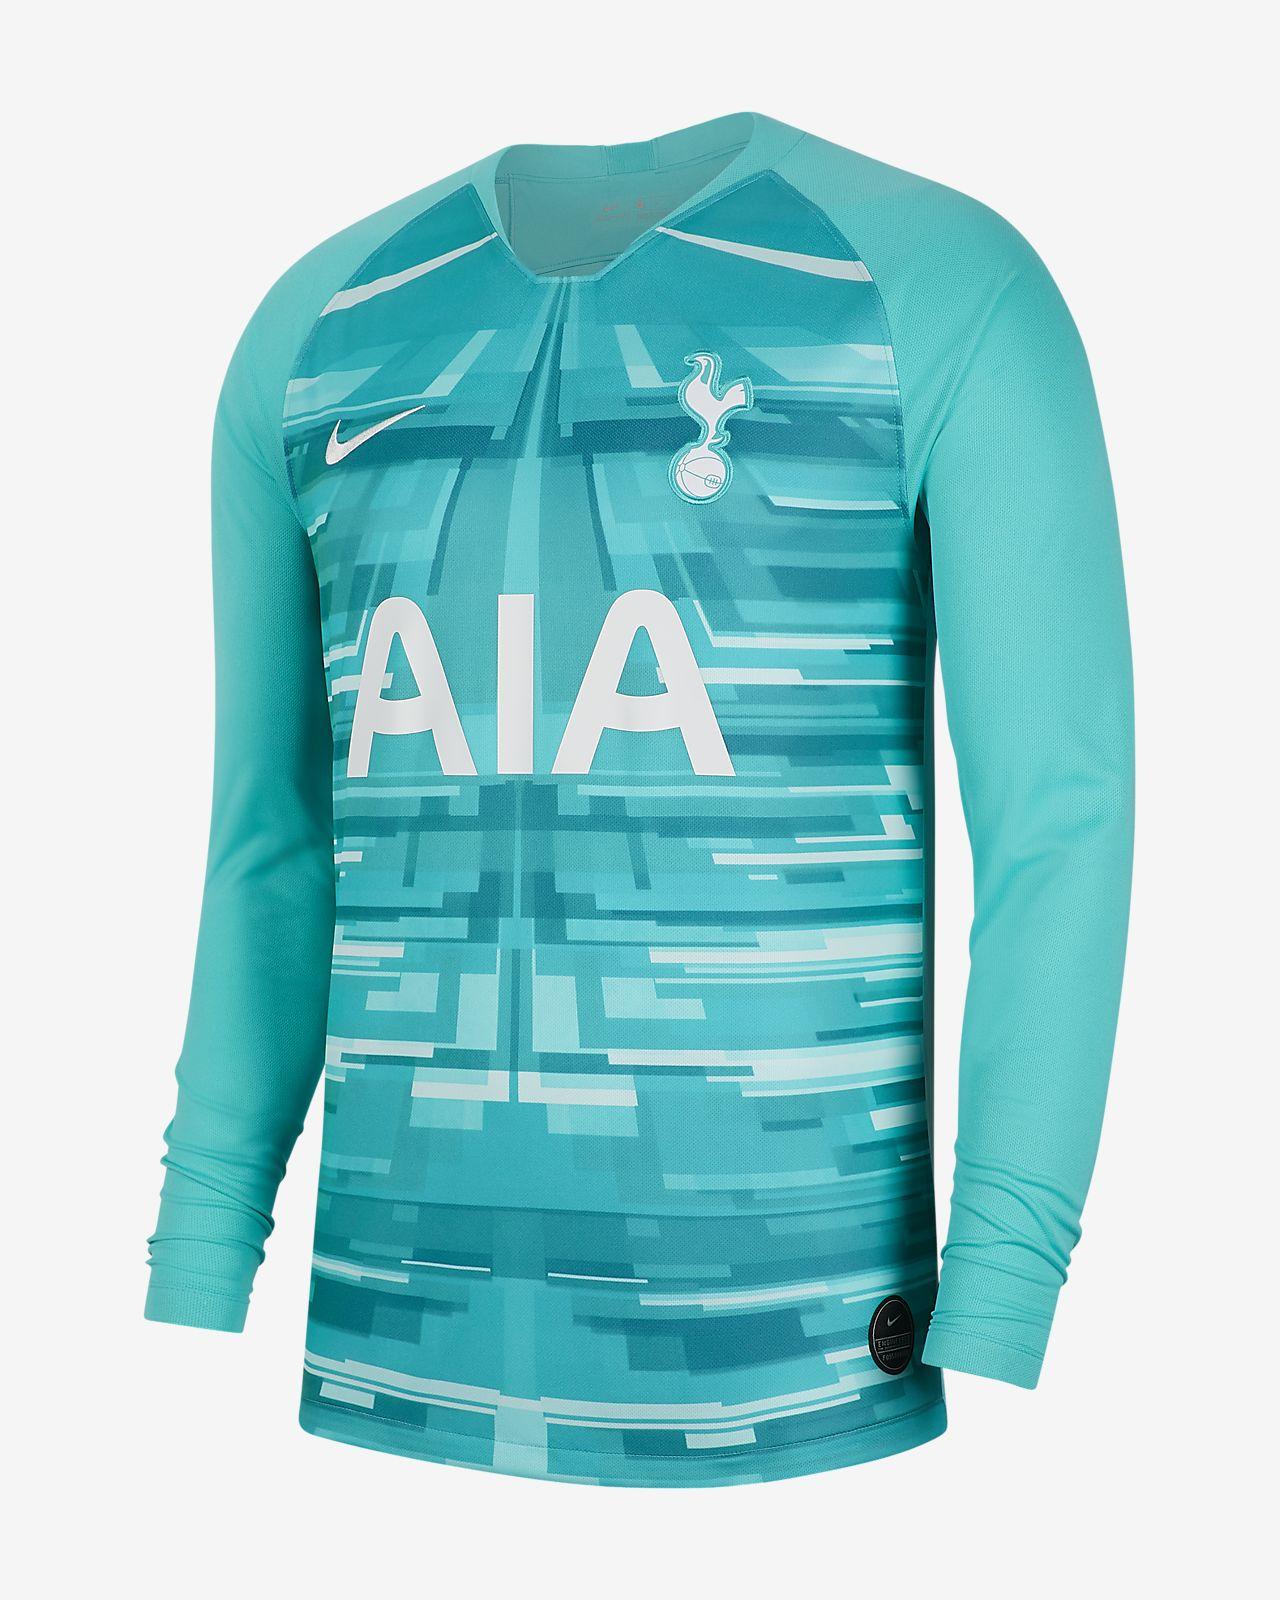 Camiseta de fútbol de arquero para hombre Stadium del Tottenham Hotspur 2019/20